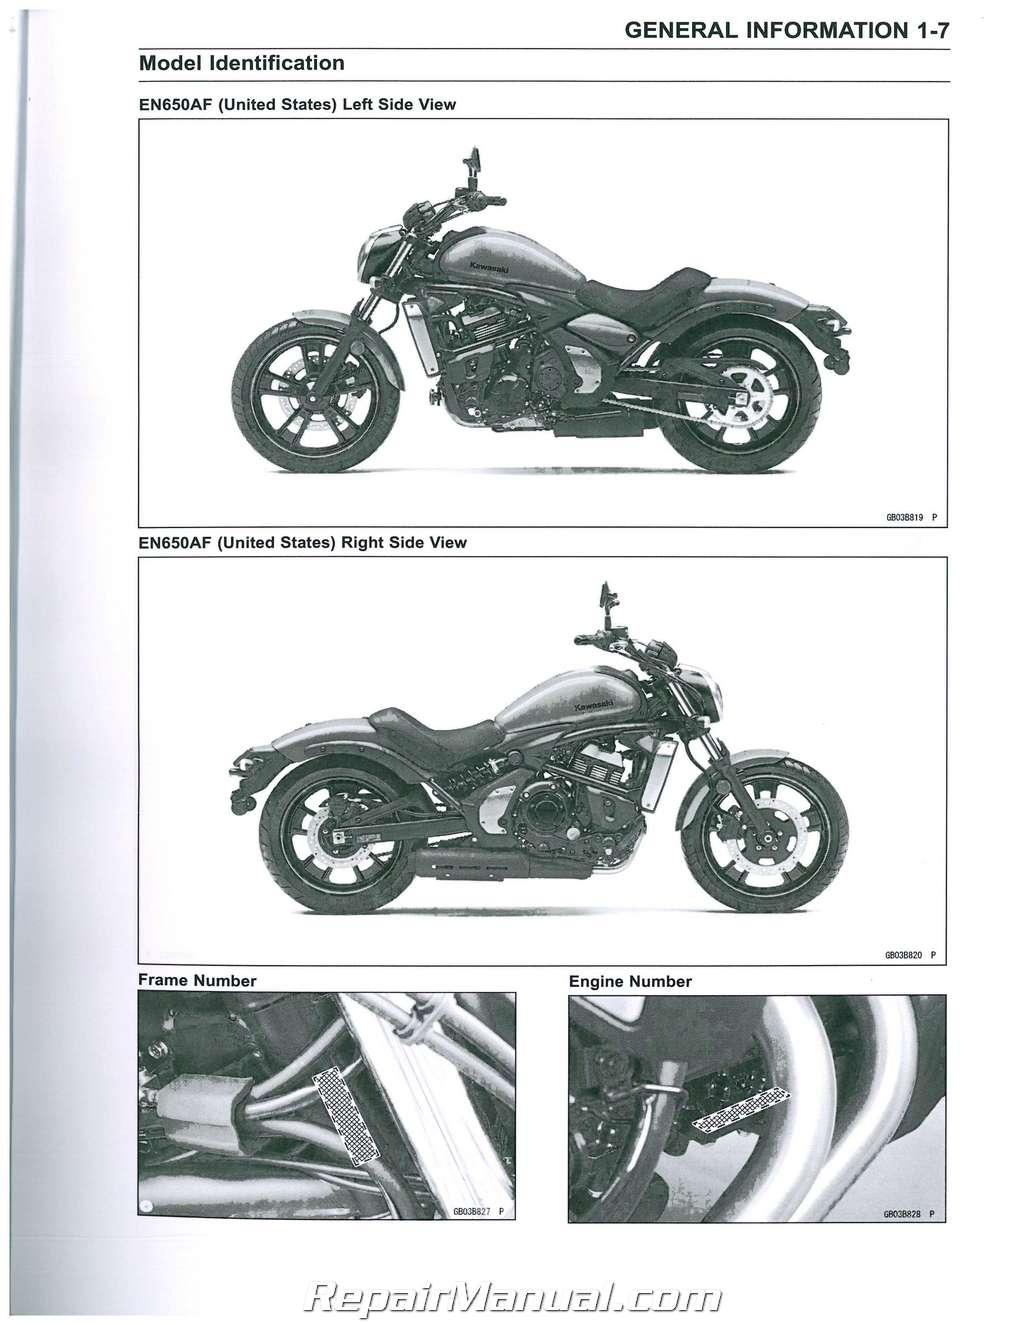 2015 2016 kawasaki en650 vulcan s abs motorcycle service manual rh repairmanual com vulcan 650 service manual vulcan 900 service manual